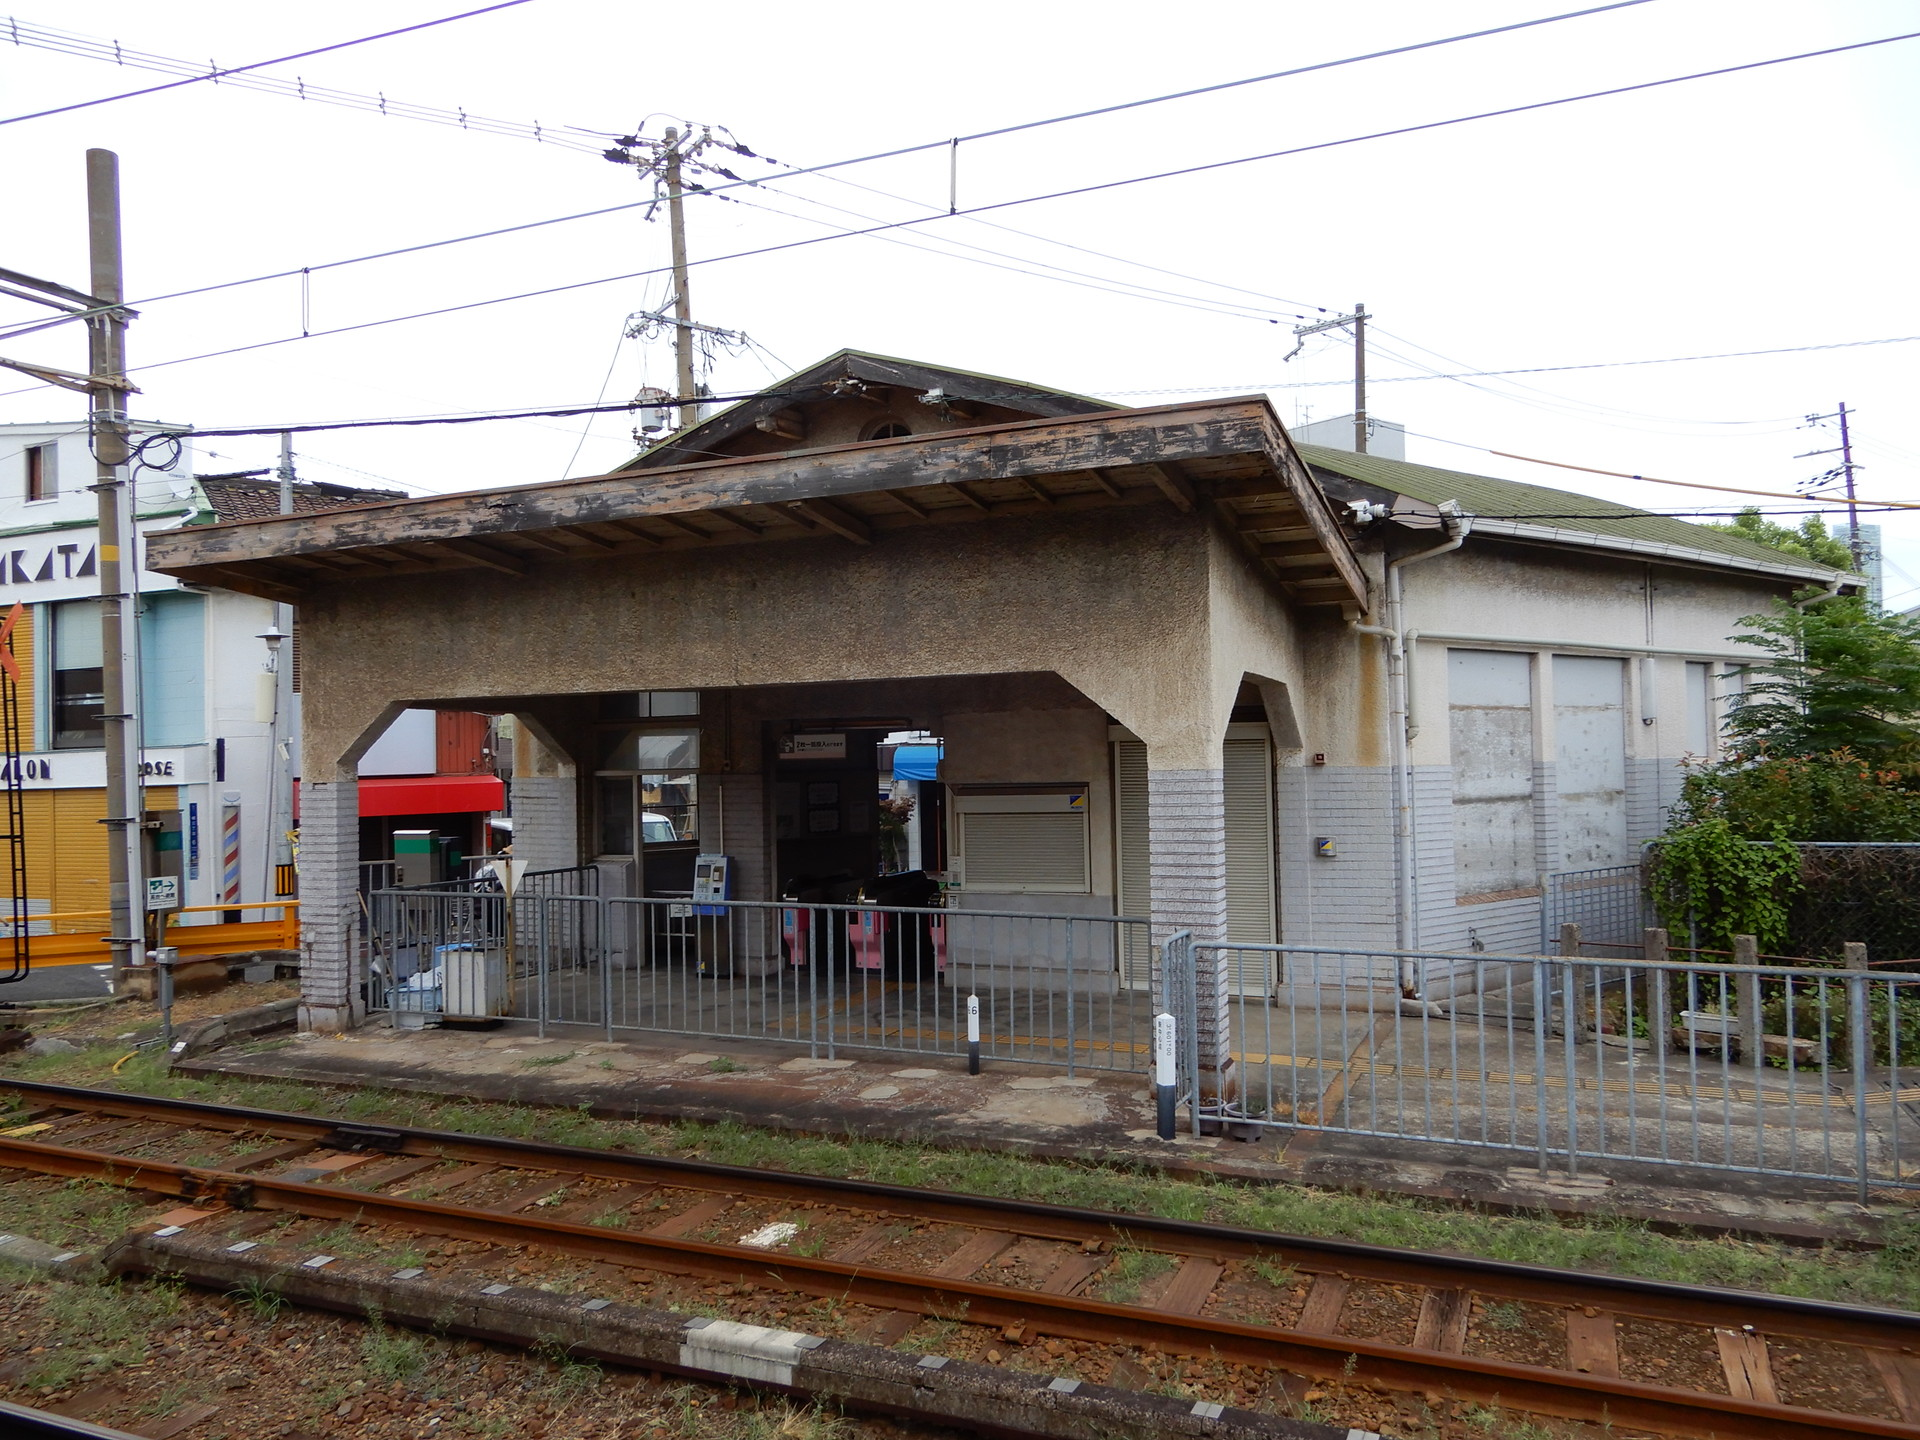 ホーム側から見る駅舎